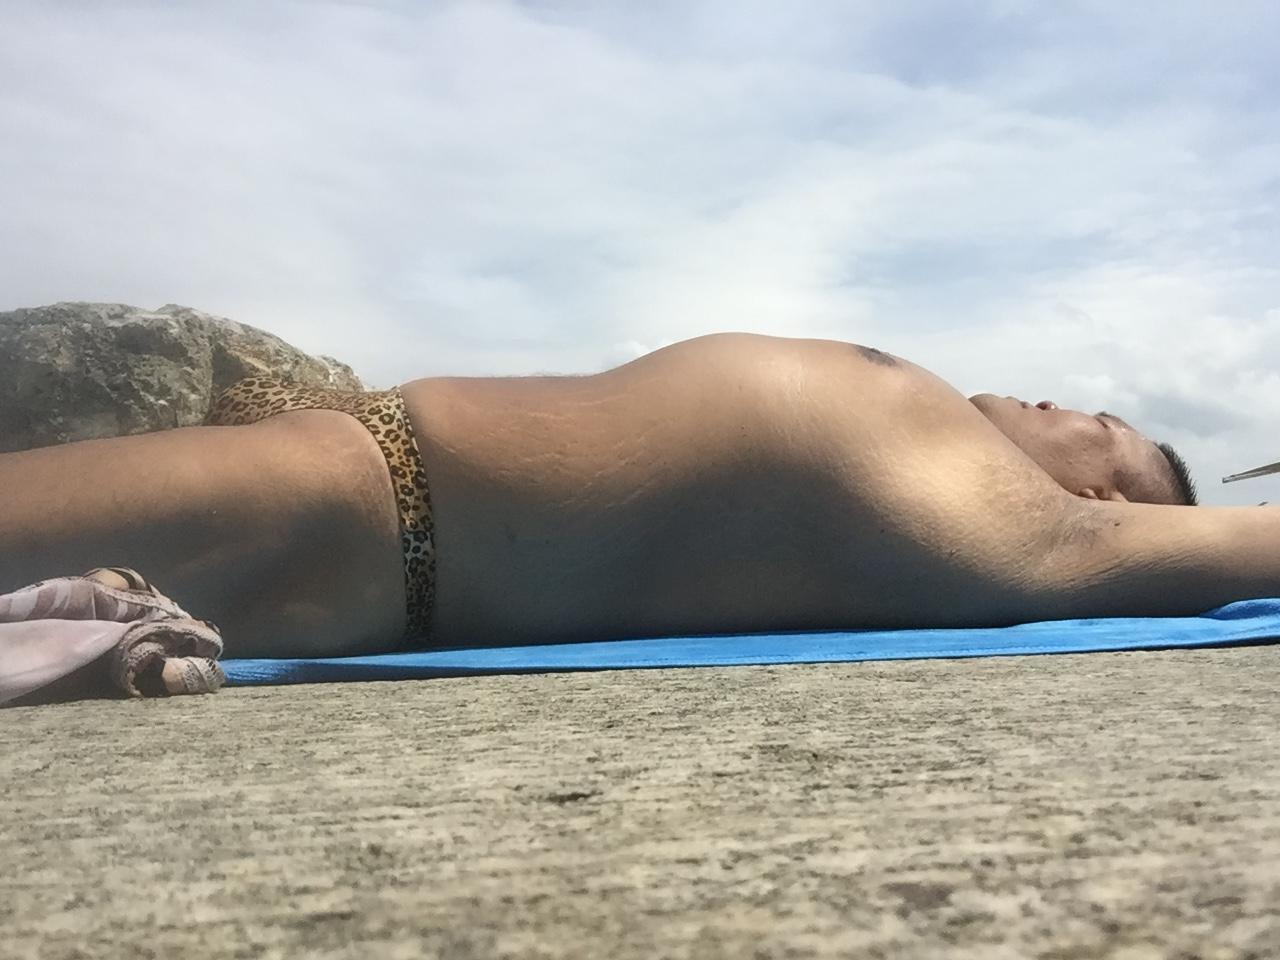 Bikini sun bather (206/218)